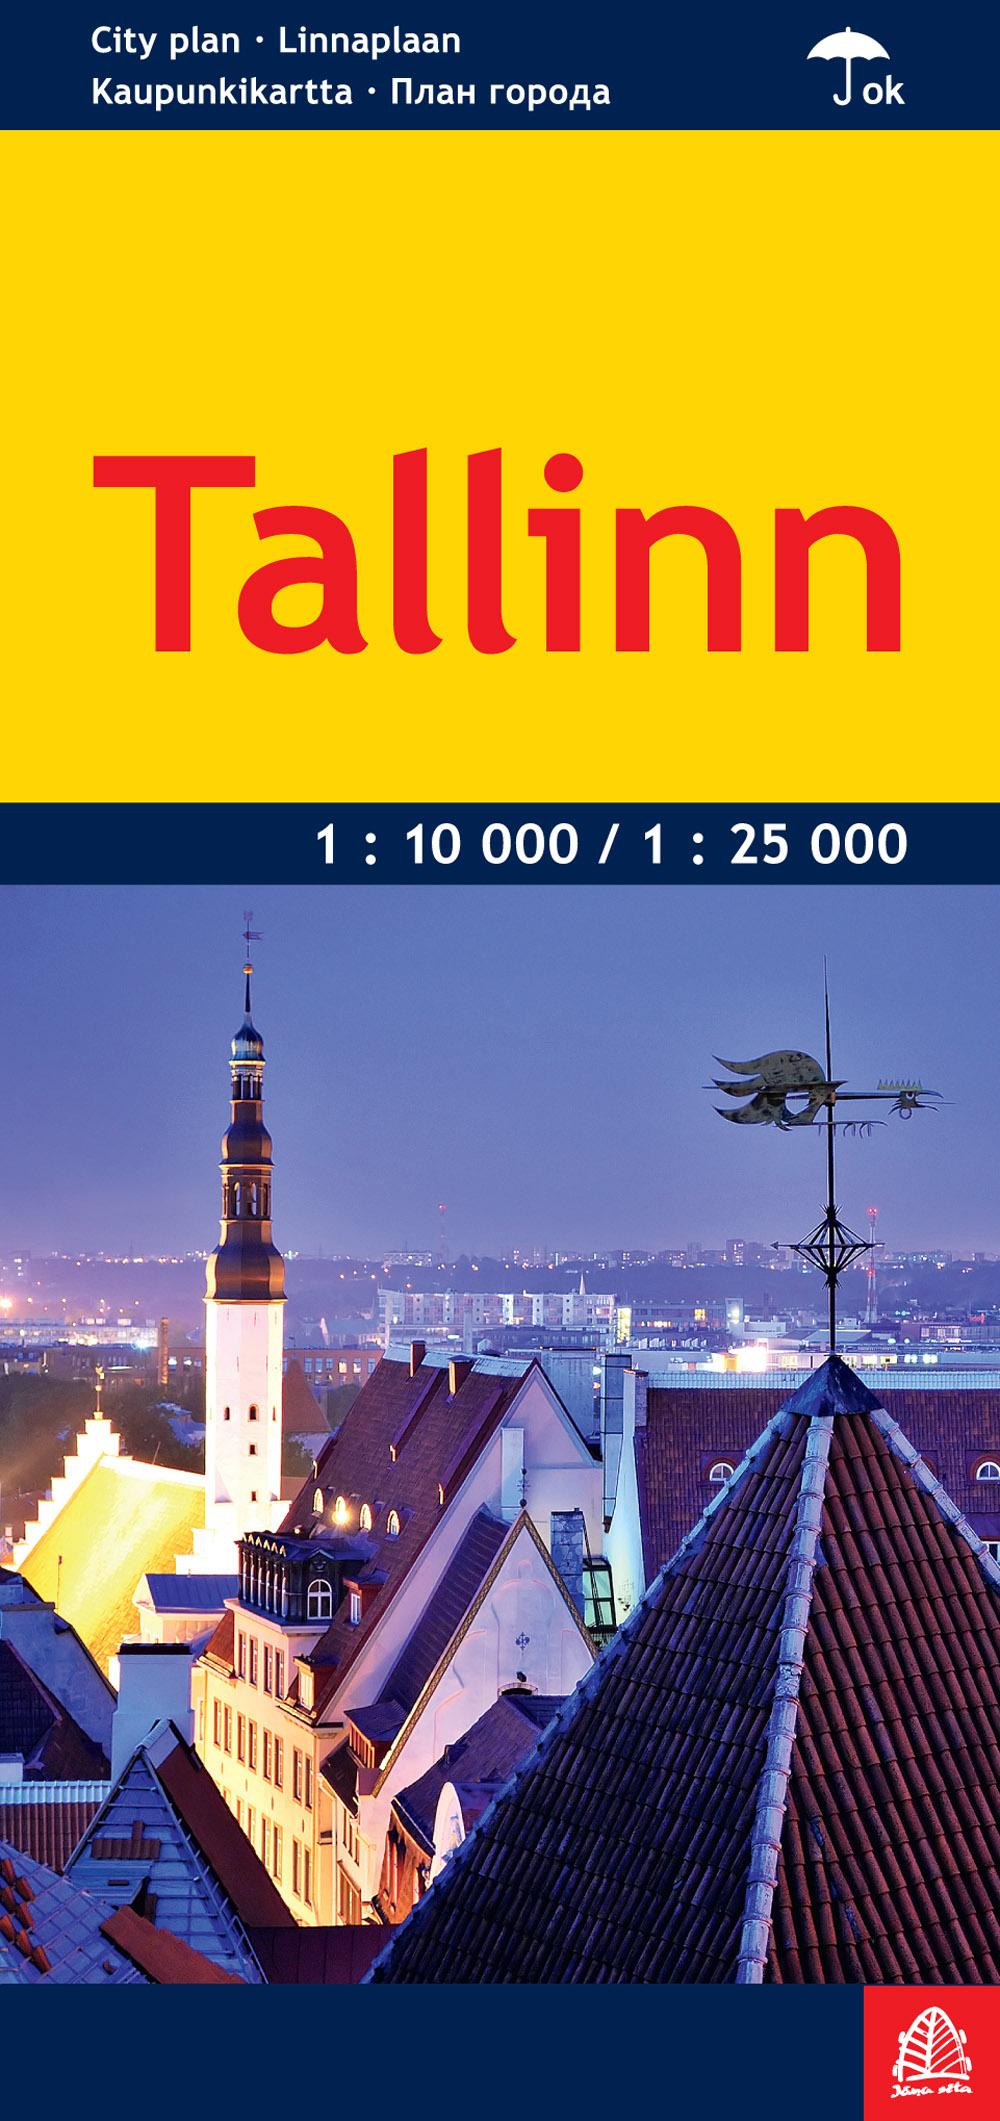 Wegenkaart - landkaart - Stadsplattegrond Tallinn | Jana Seta